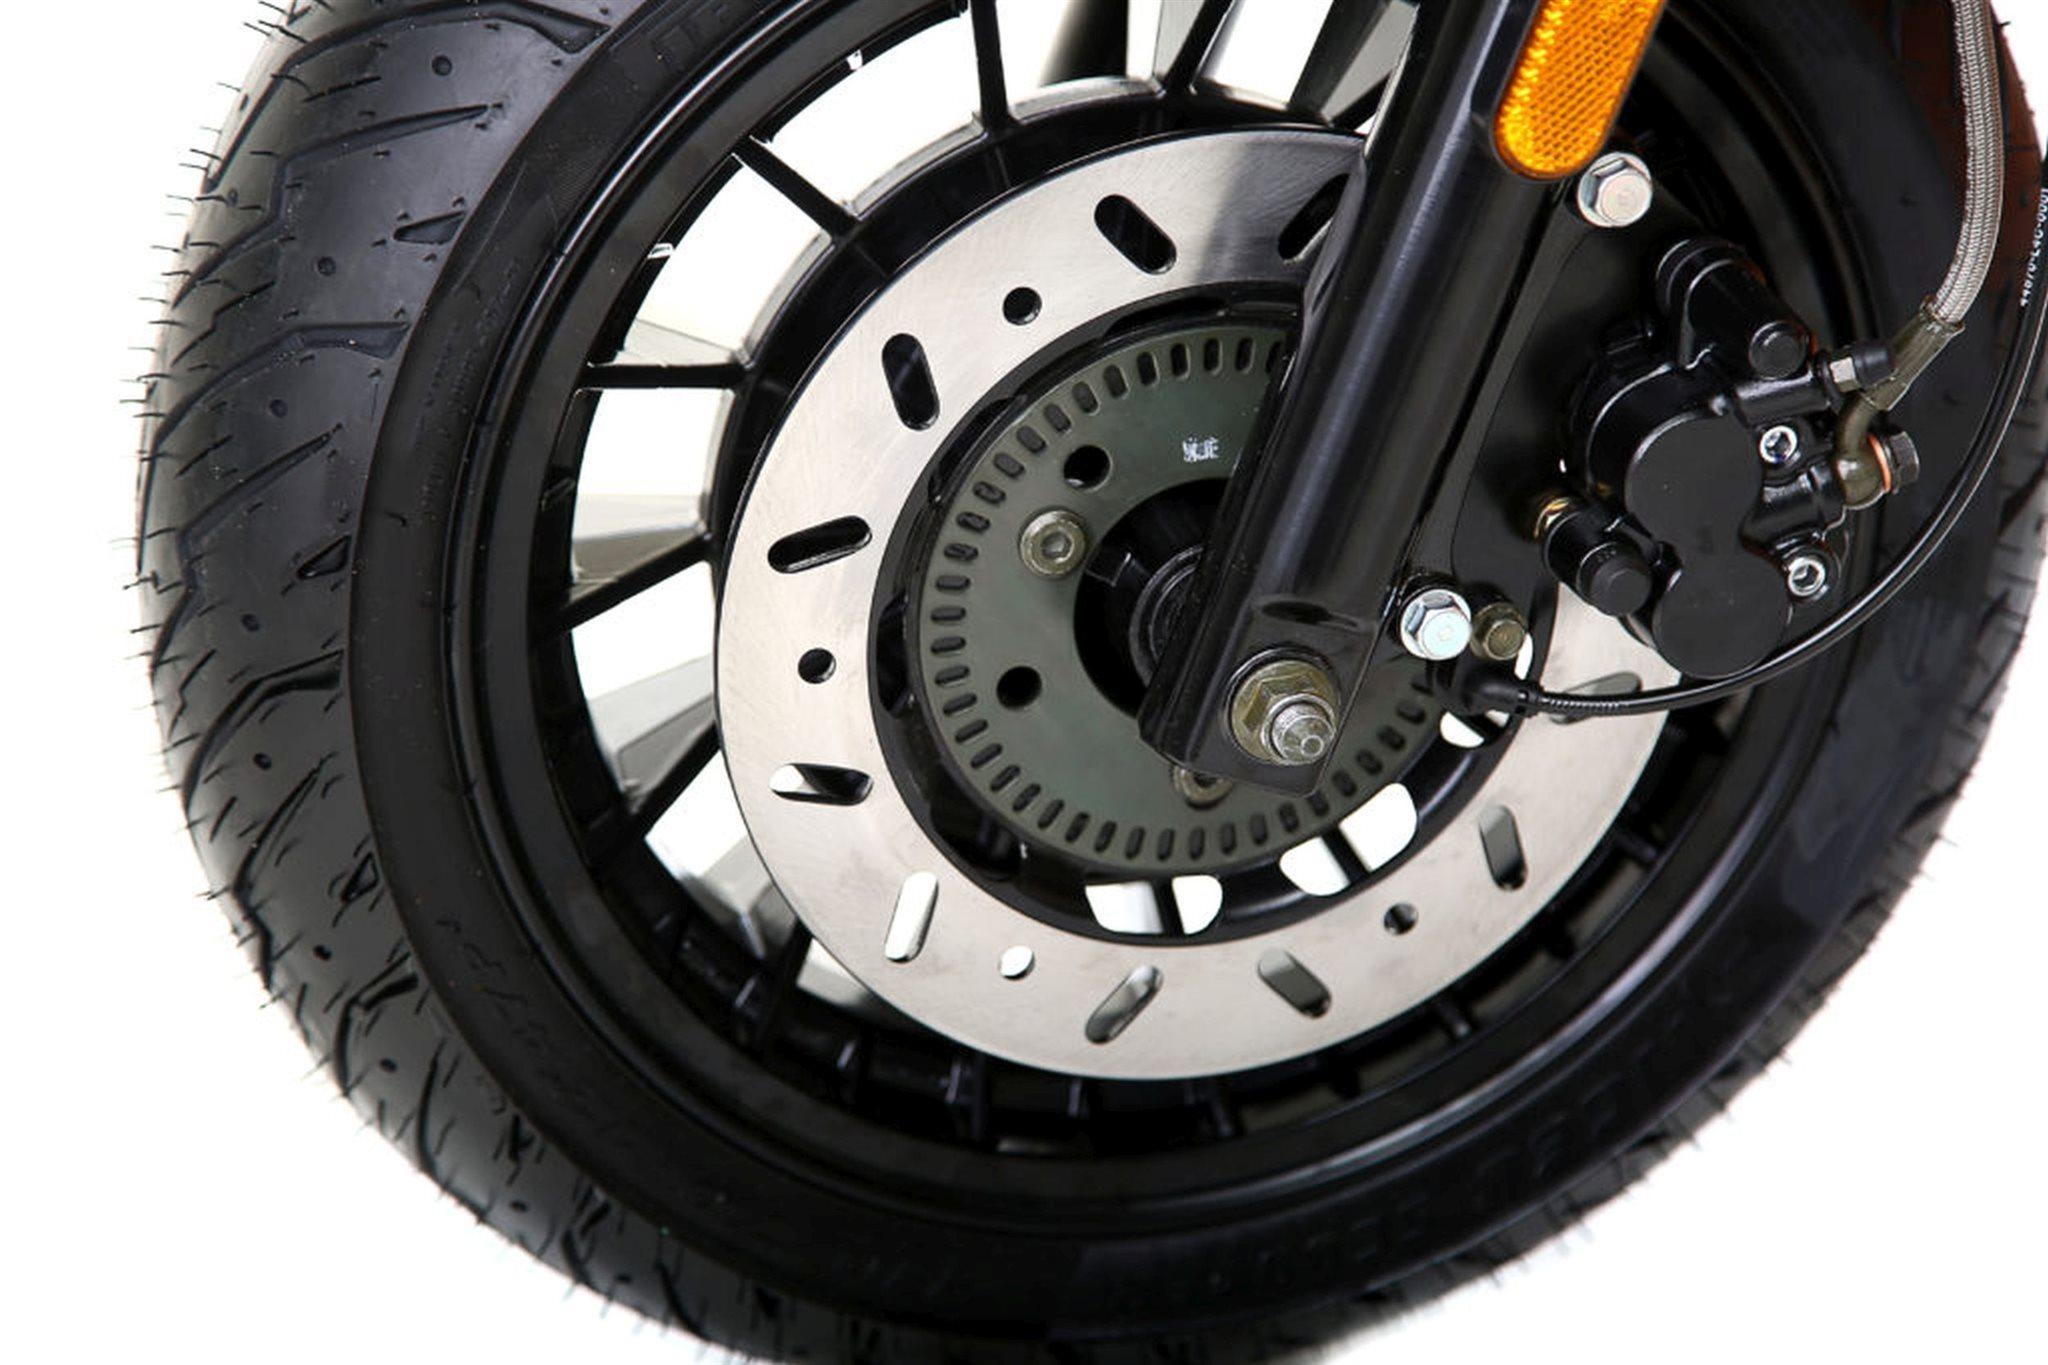 Lambretta V125 Special Motorrad, neu